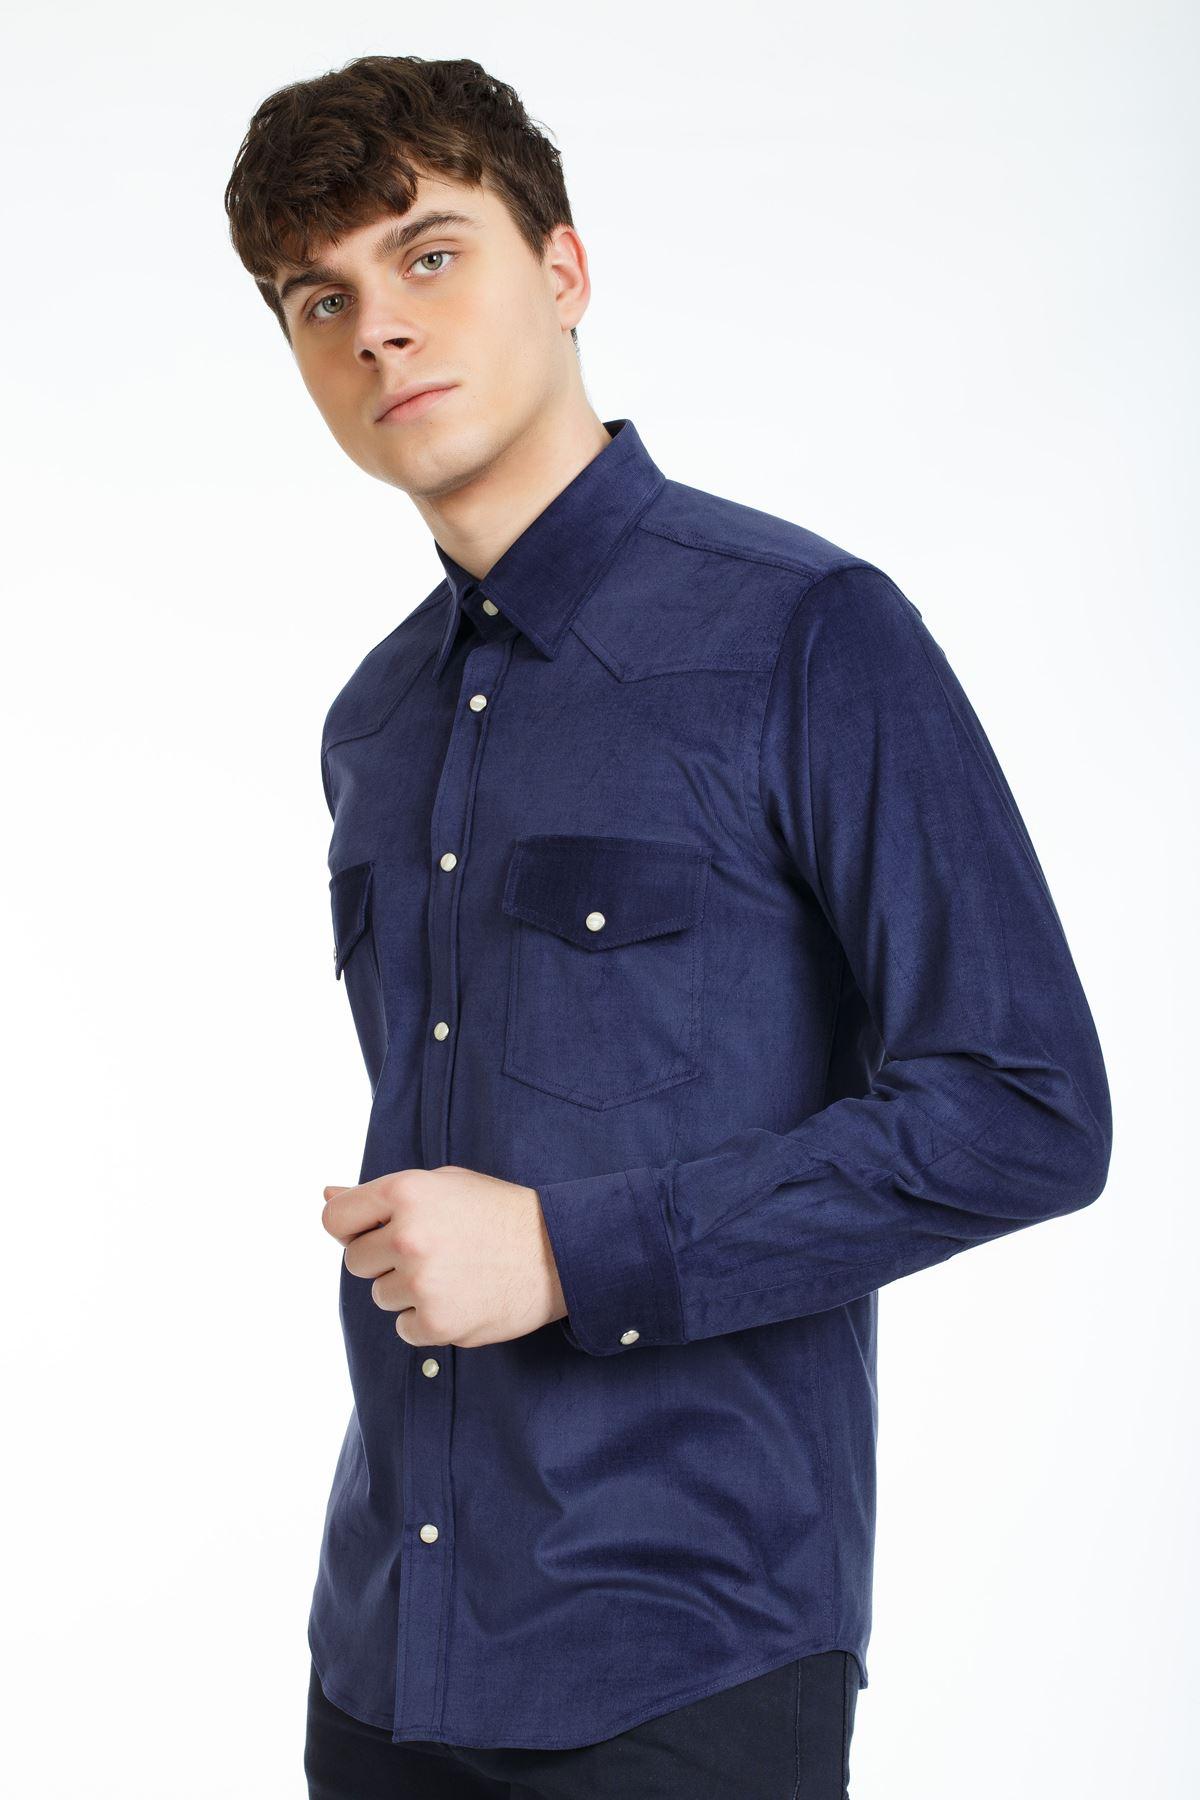 Lacivert Renk Çıt Çıtlı Regular Kalıp Spor Gömlek